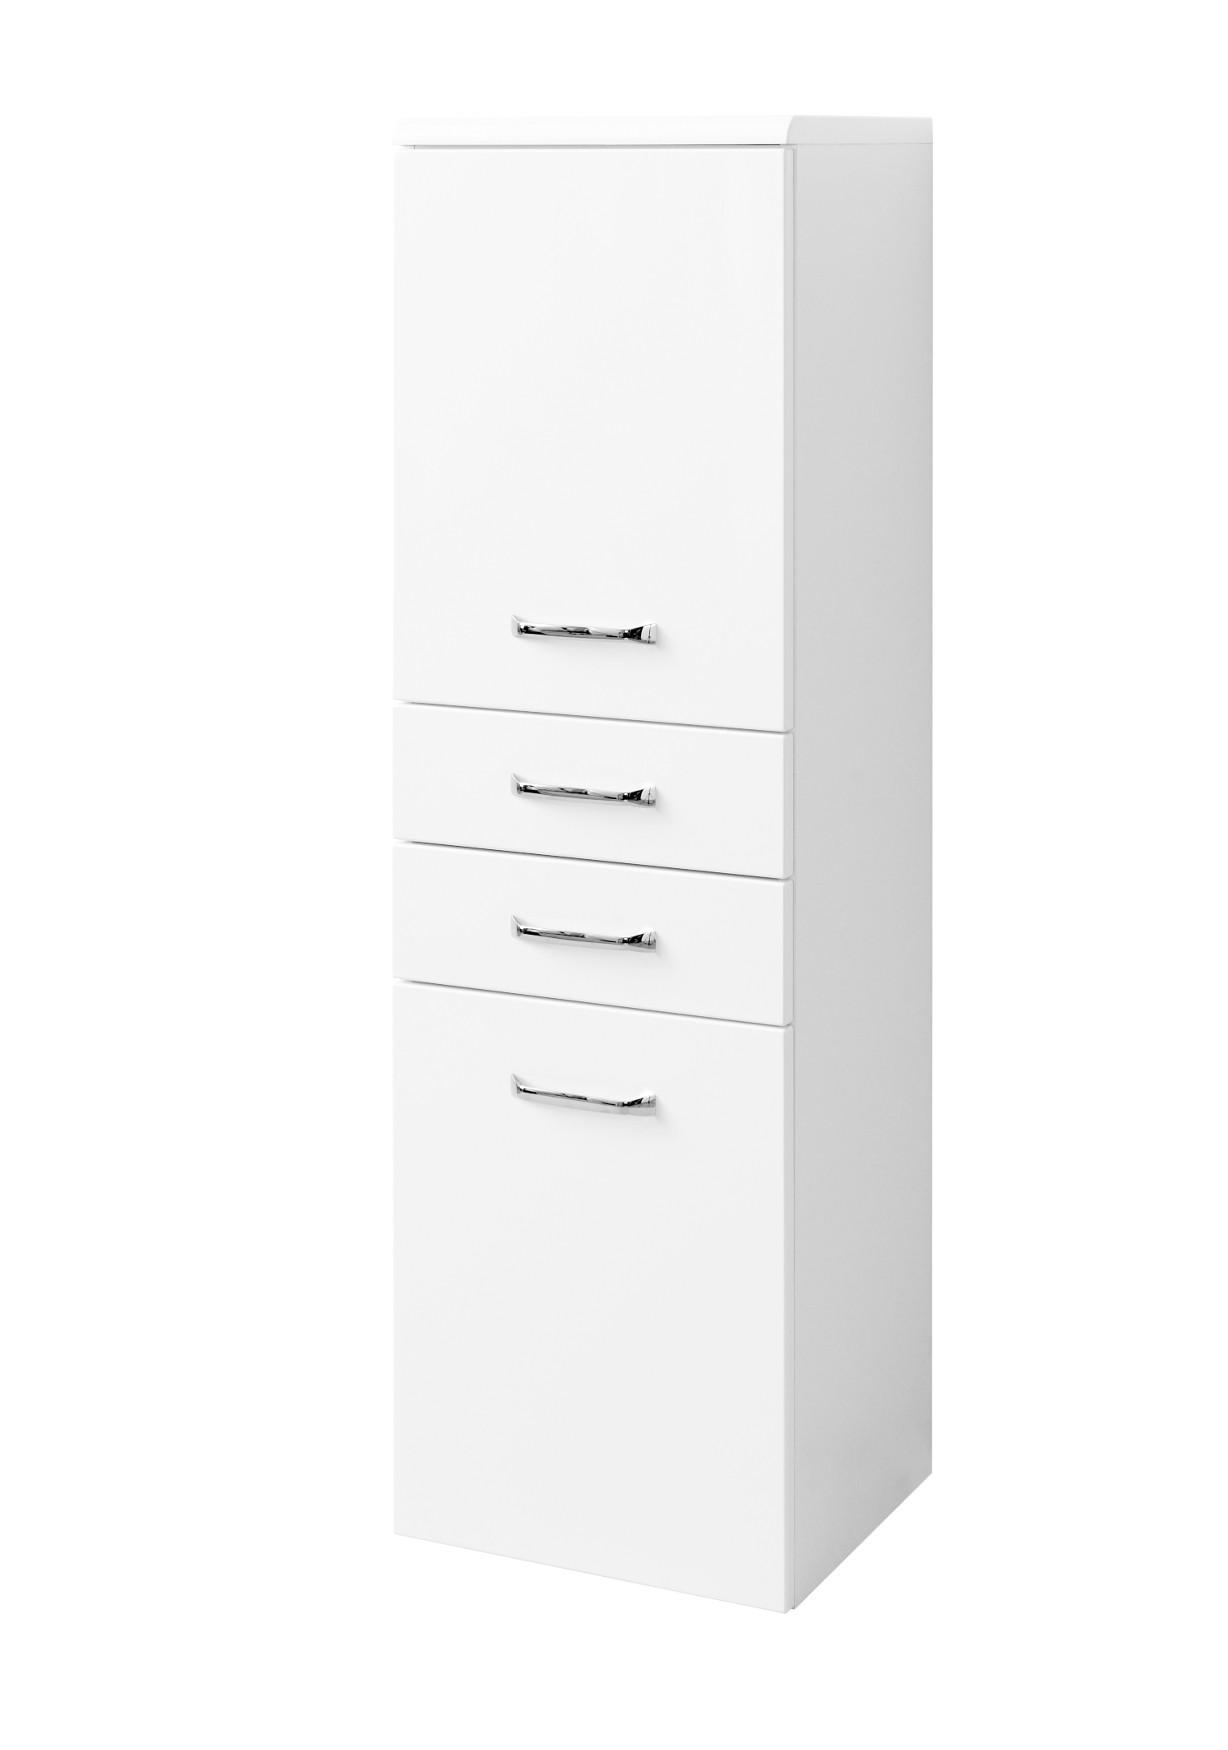 Bad-Midischrank FONTANA - 18-türig, 18 Schubkästen - 18 cm breit - Weiß